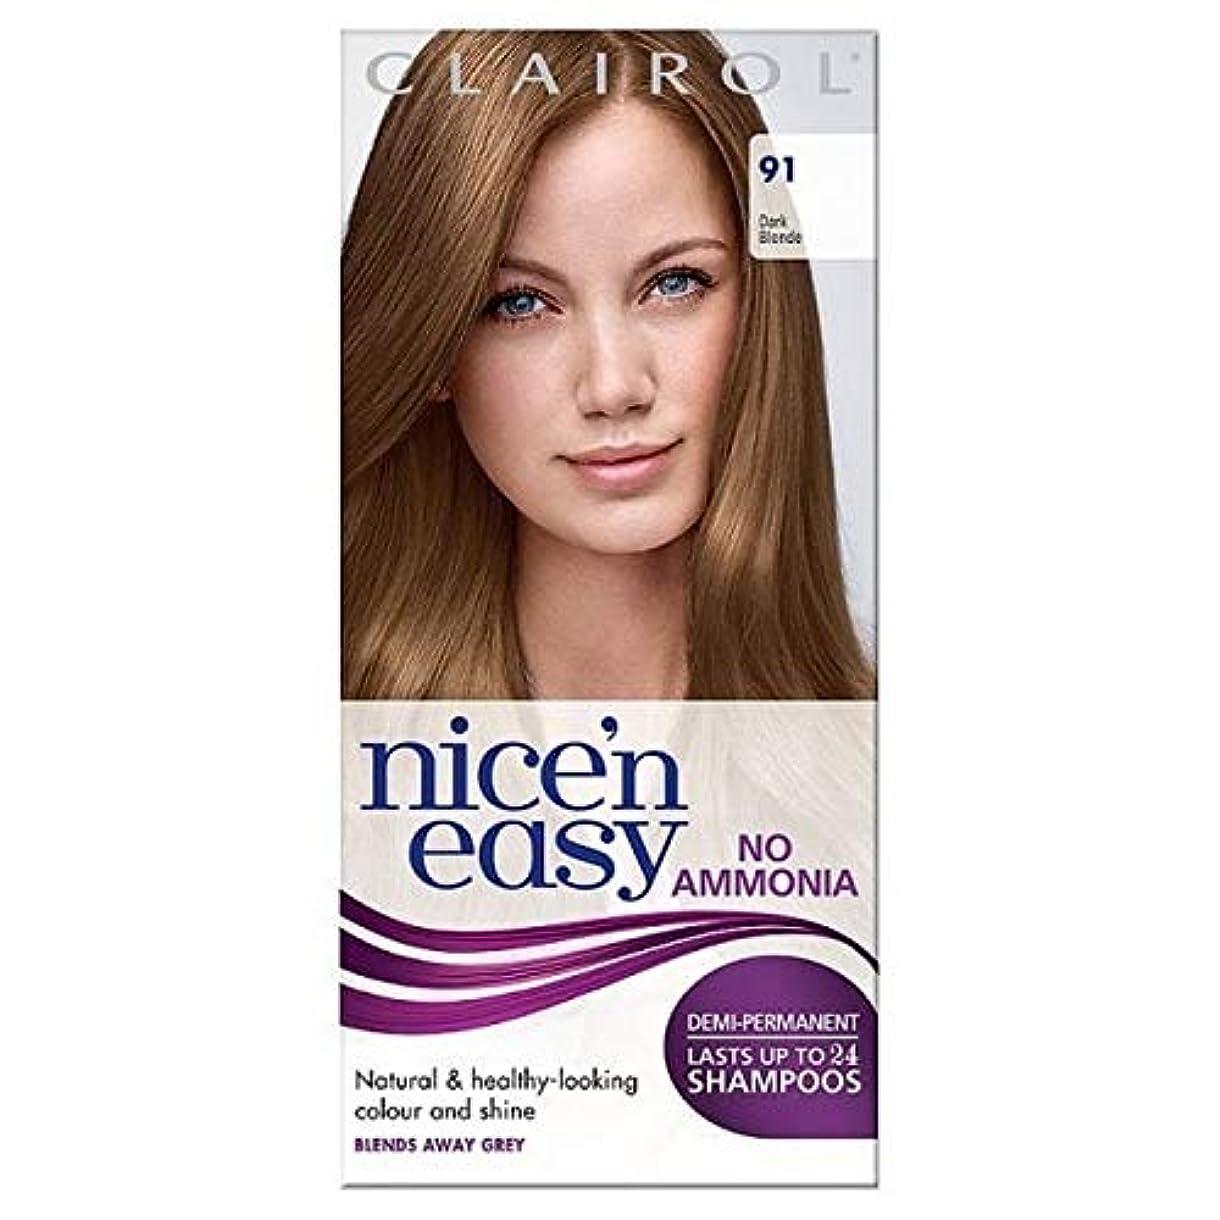 死の顎保証金品[Nice'n Easy] Nice'N簡単に何のアンモニアの染毛剤ませんダークブロンドの91 - Nice'n Easy No Ammonia Hair Dye Dark Blonde 91 [並行輸入品]